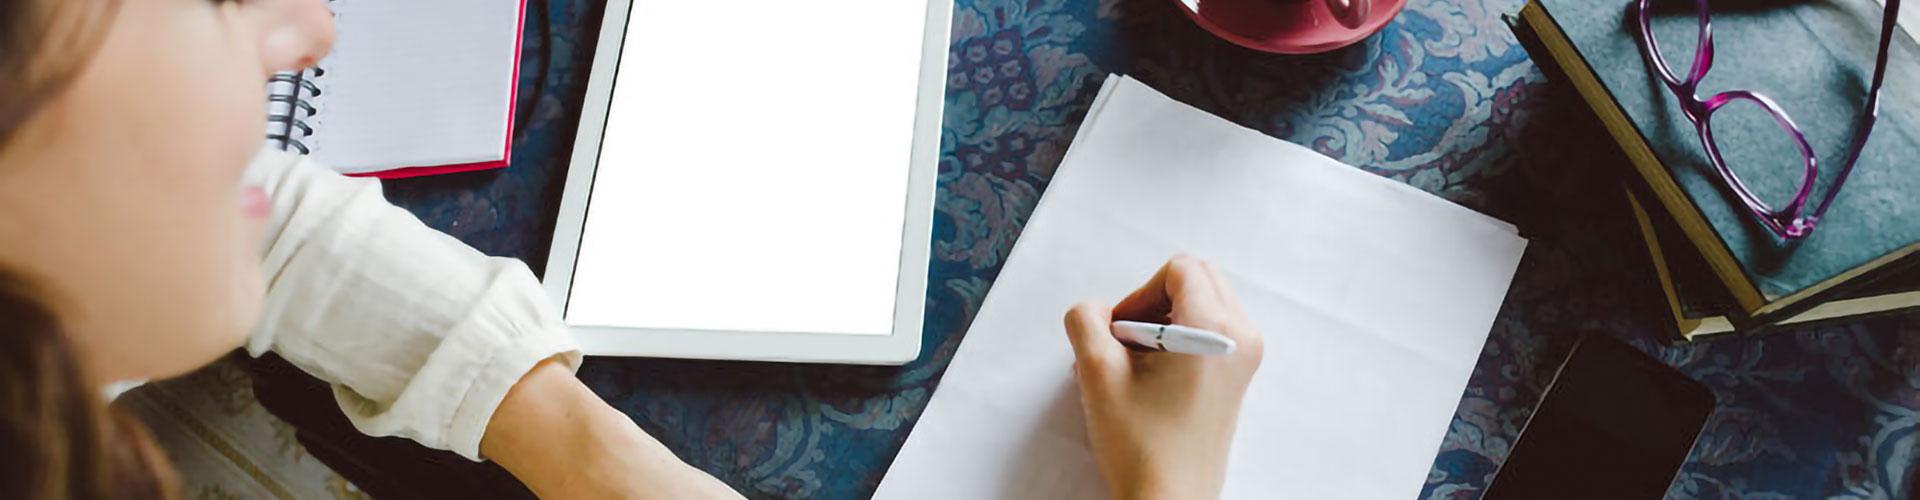 Formation rédiger écrit professionnel - Sarthe